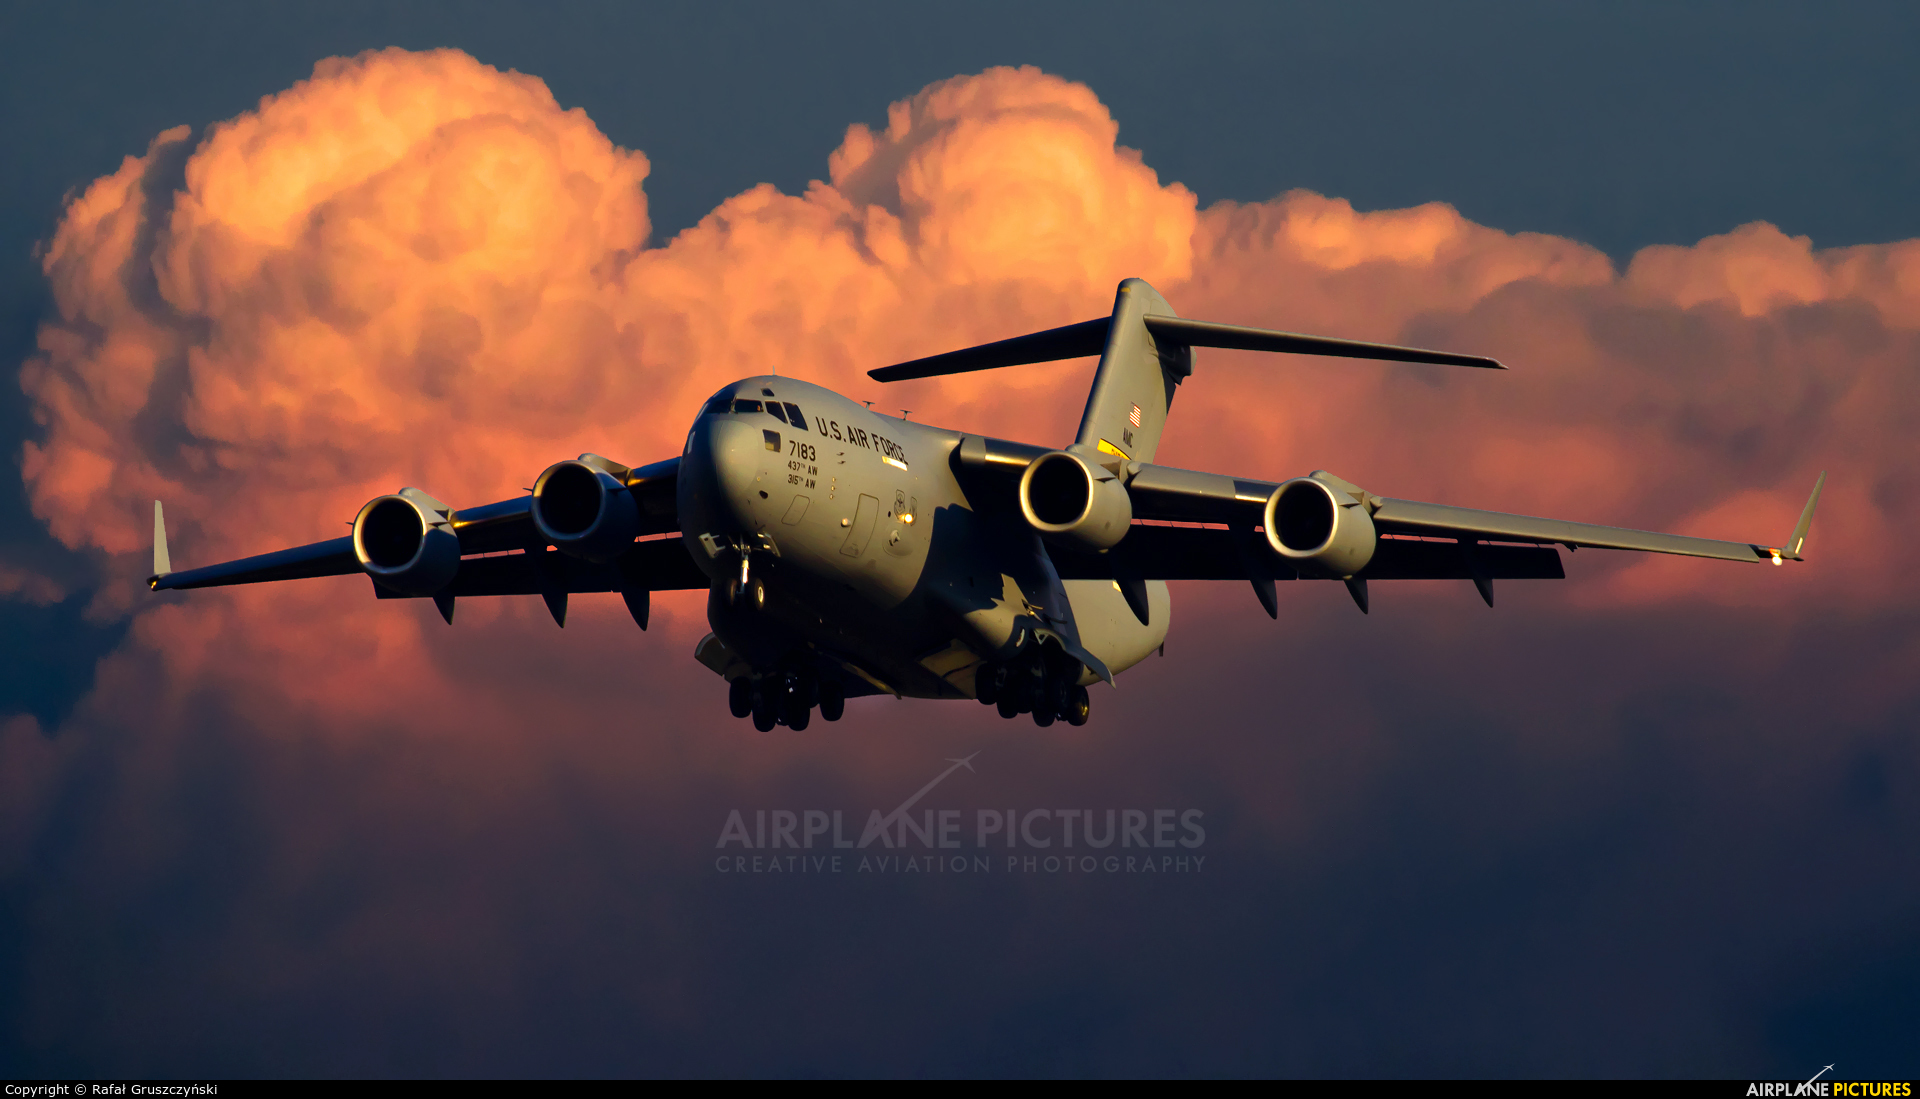 USA - Air Force 07-7183 aircraft at Warsaw - Frederic Chopin